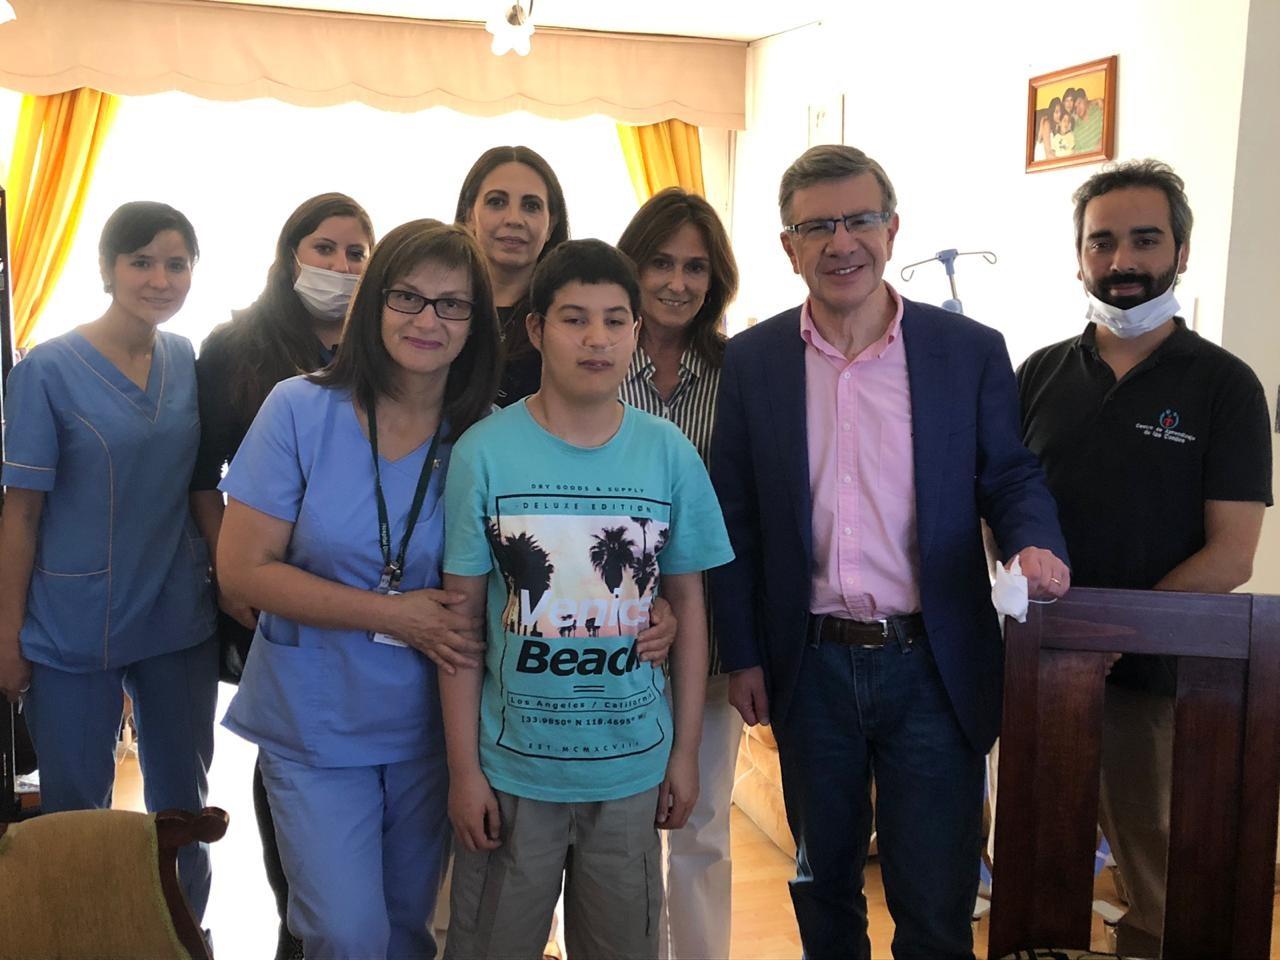 Lucas es uno de los beneficiarios del programa. Aquí junto al alcalde Lavín y el equipo de profesionales de la Escuela en tu casa.